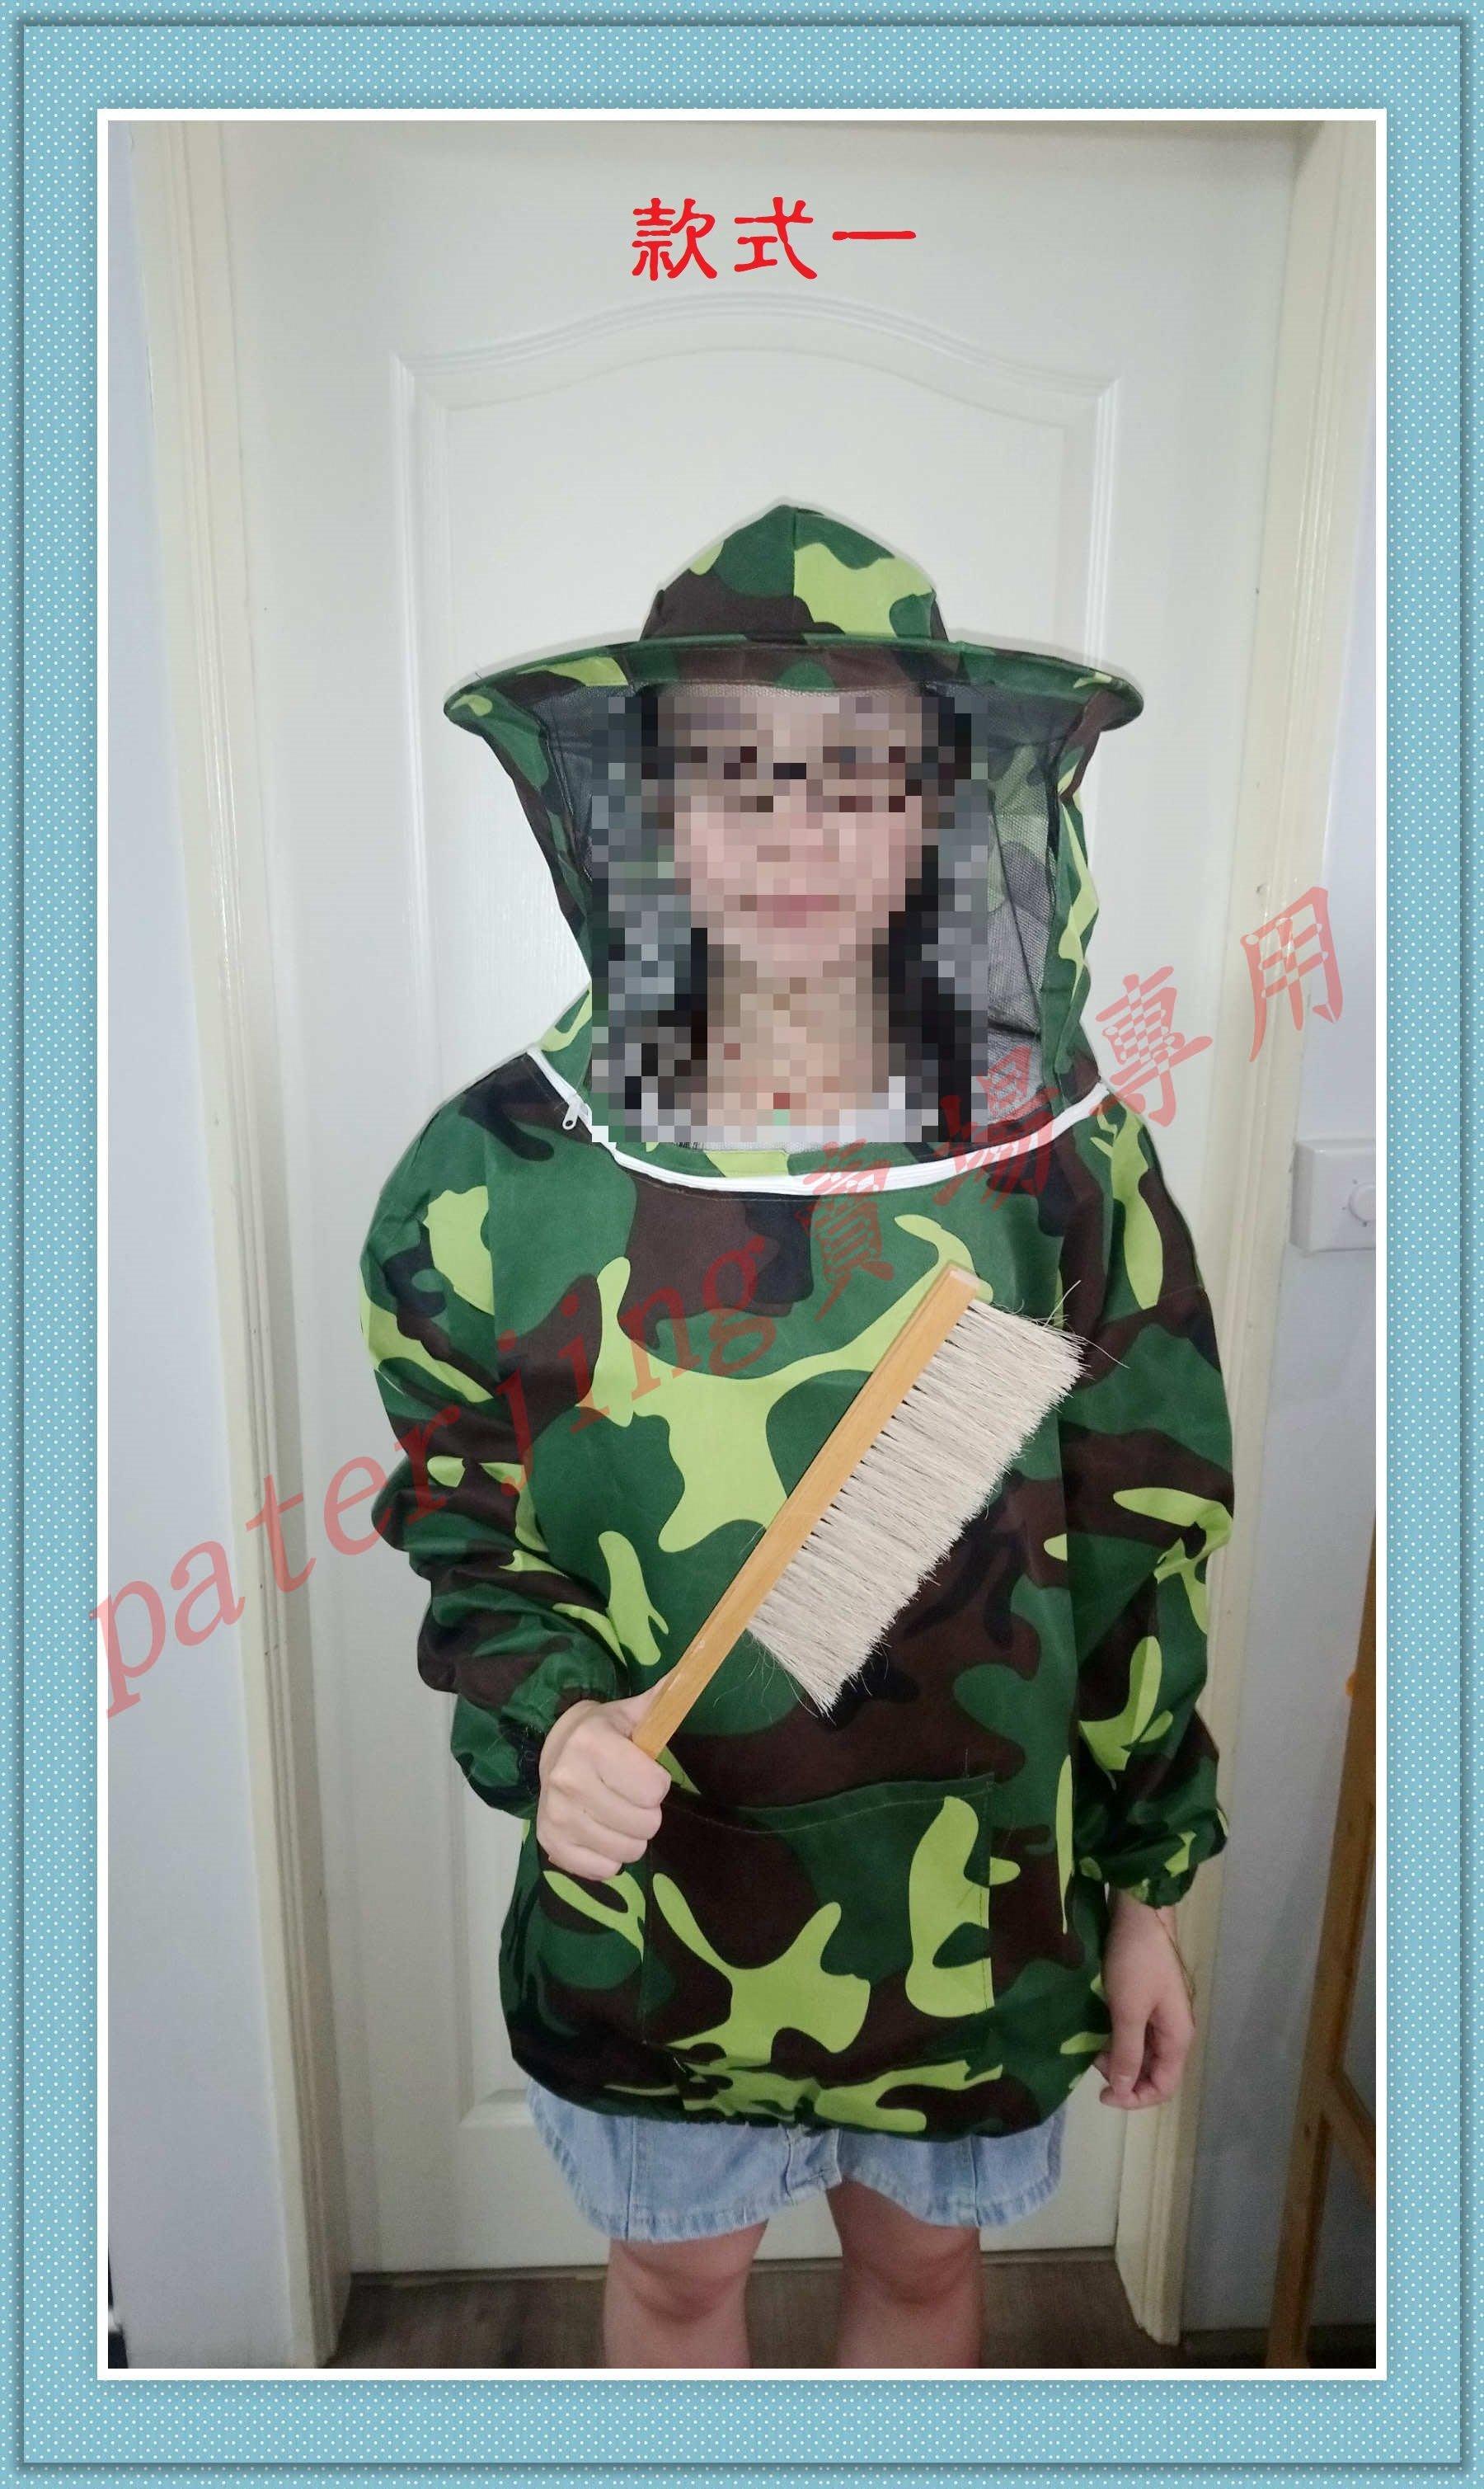 58蜂具 【迷彩防蜂衣】蜂帽 連身防護服 蜜蜂防護服  防蜂帽 防蜂服 迷彩 蜜蜂 養蜂工具 蜂具 a13